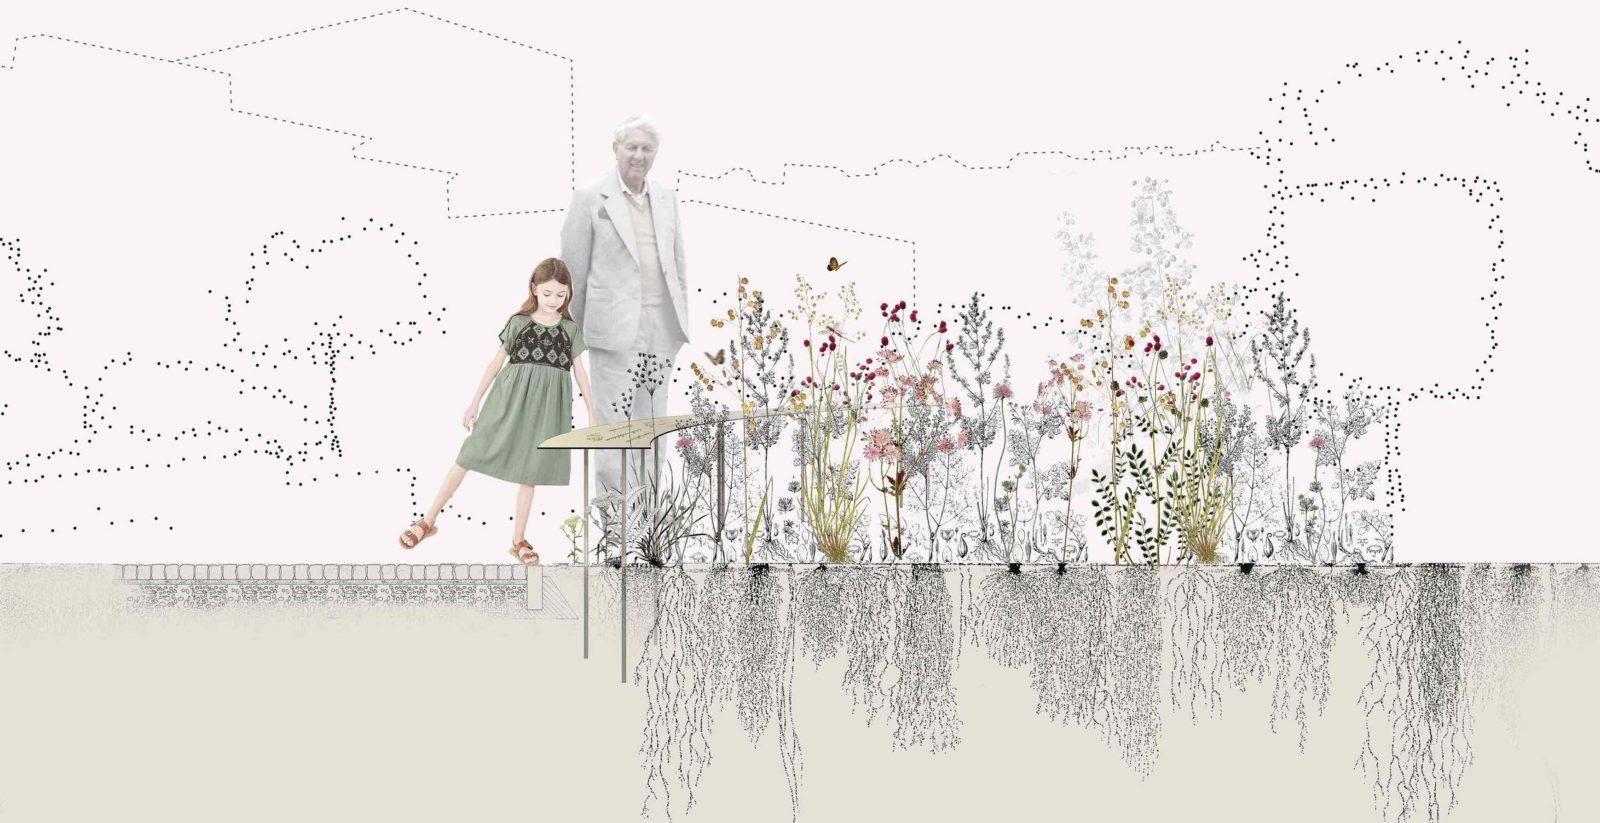 Lausanne jardins 2019 La Grande Pimprenelle détail